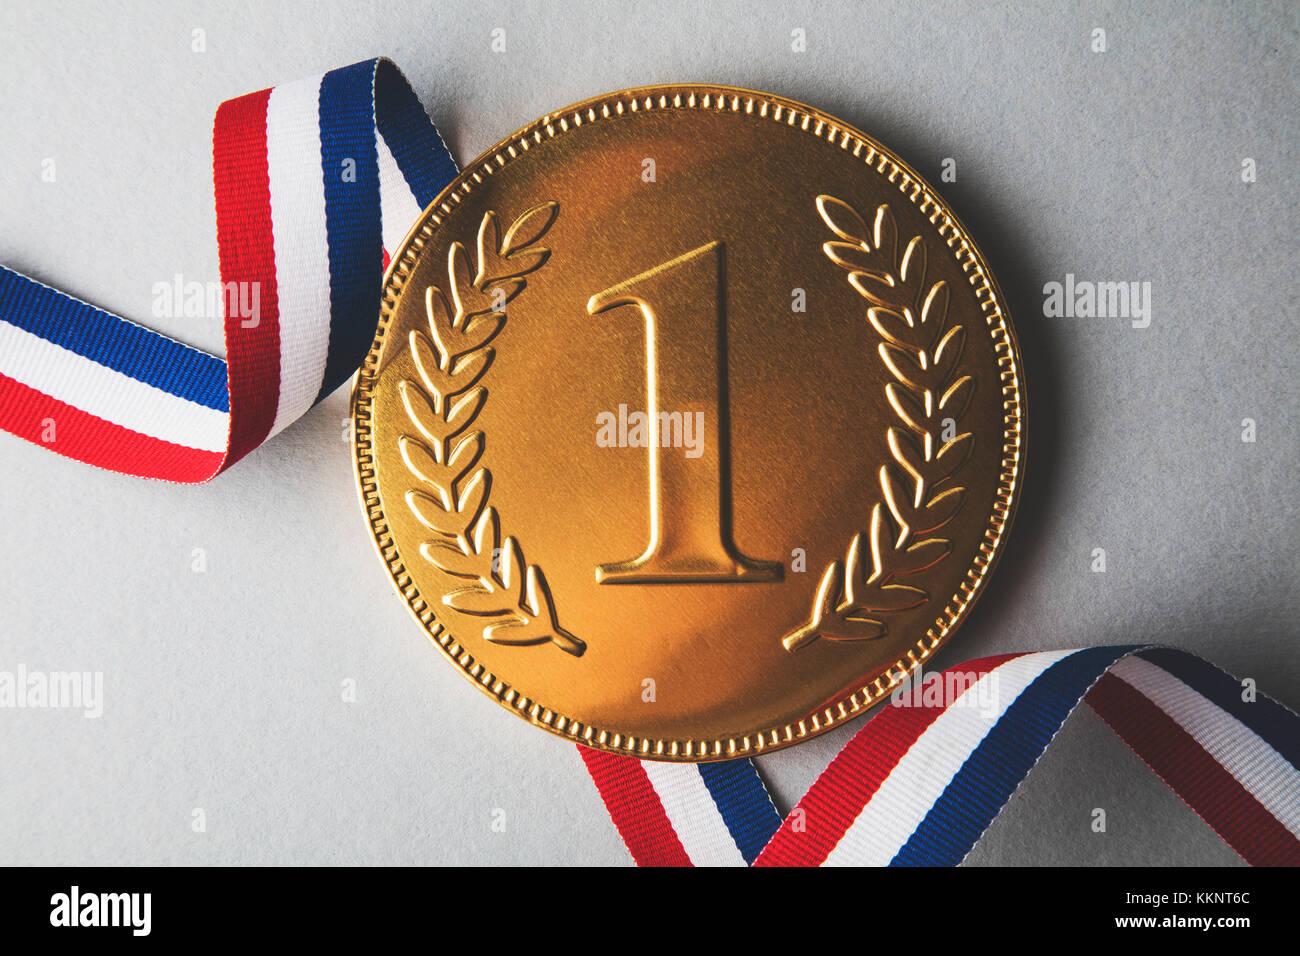 Les gagnants de la première place d'or Médaille. succès réalisation concept Photo Stock